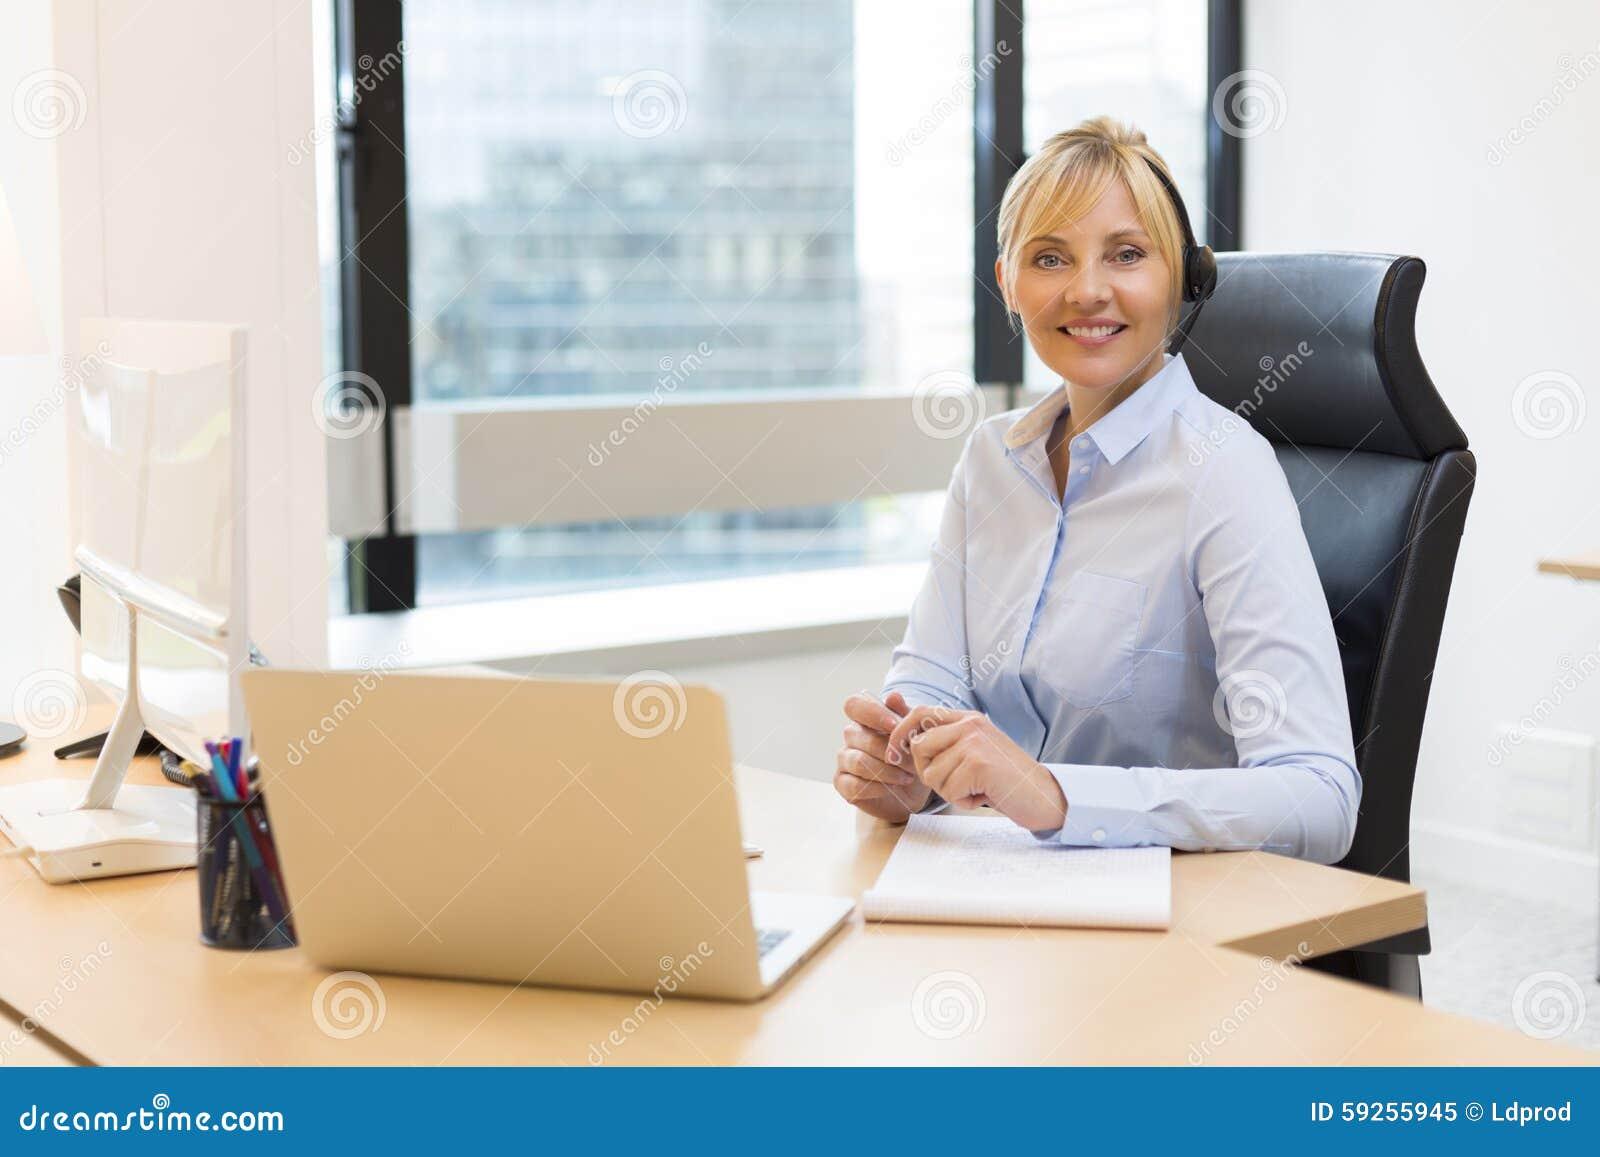 Attraktive Geschäftsfrau, die an Laptop arbeitet kopfhörer Gebäude b